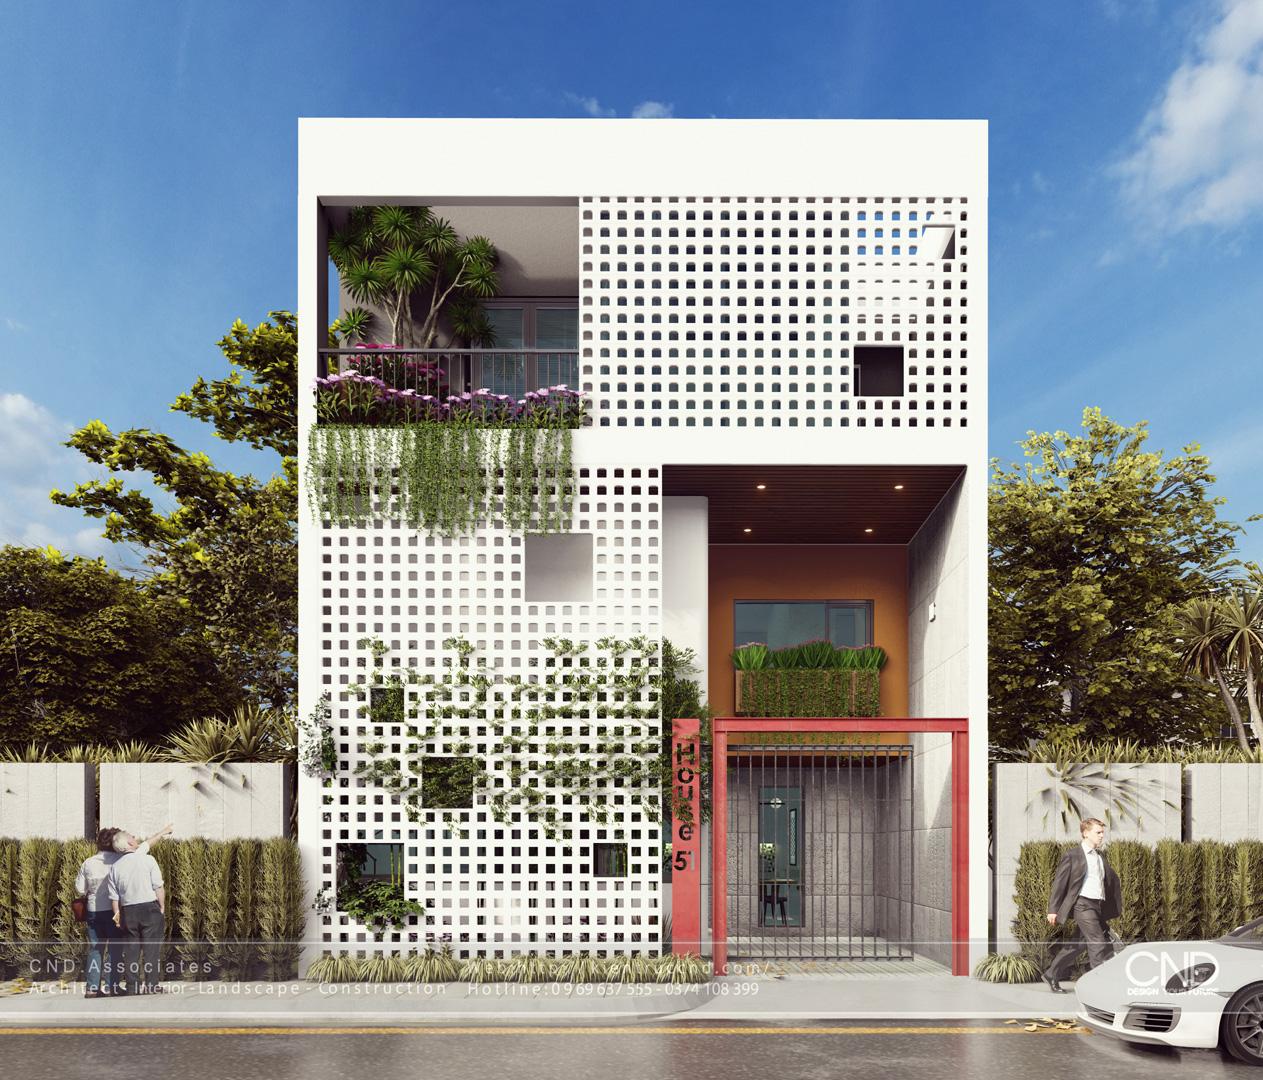 Công ty CND thiết kế nhà đẹp tại Vinh